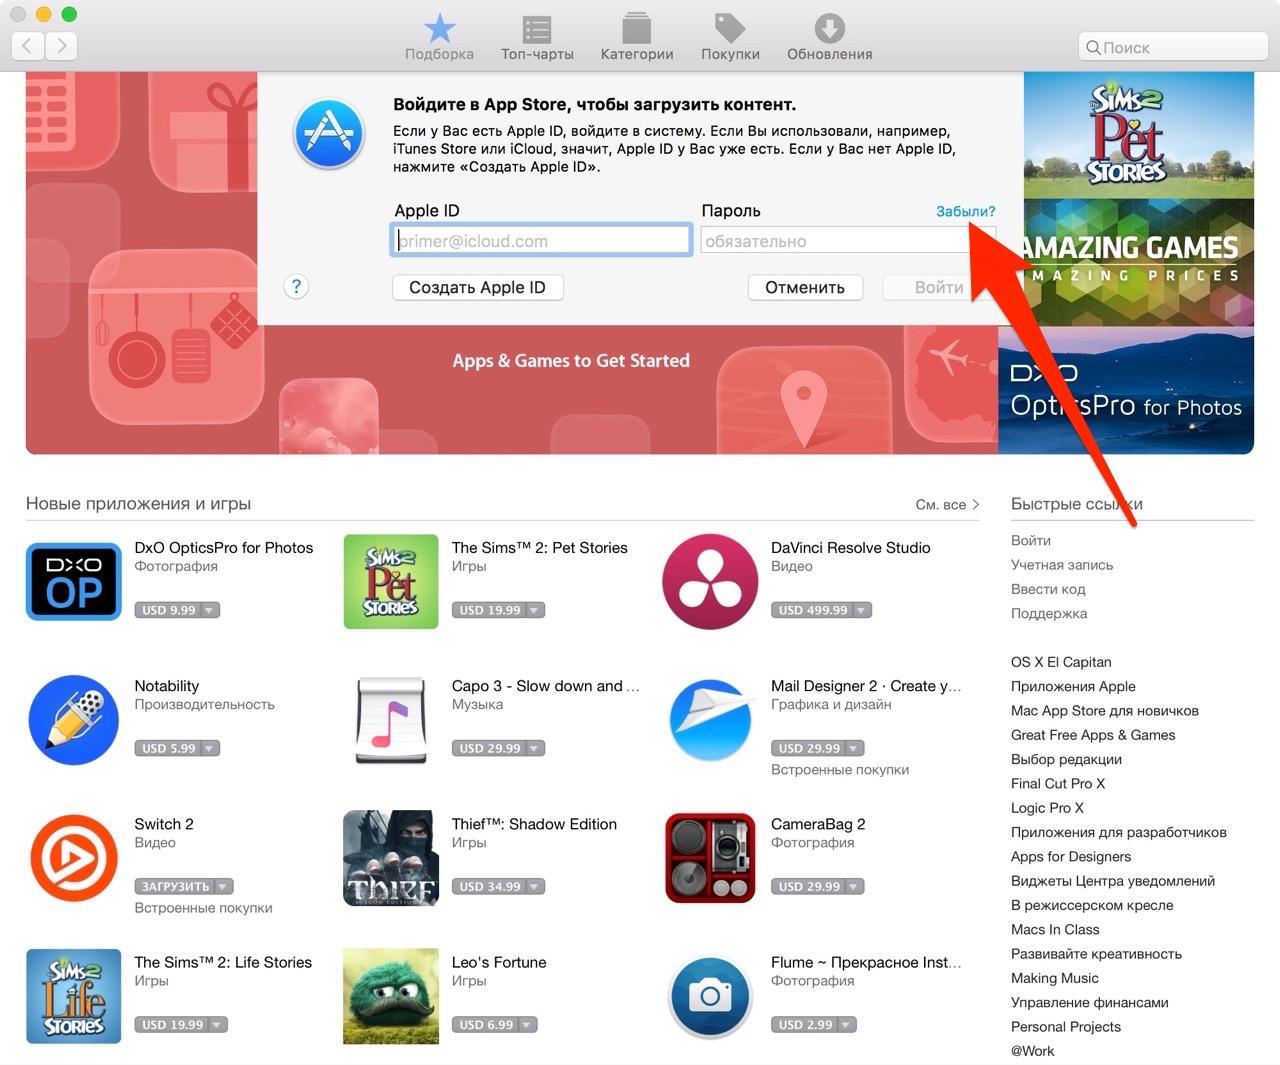 Панель авторизации в Mac App Store